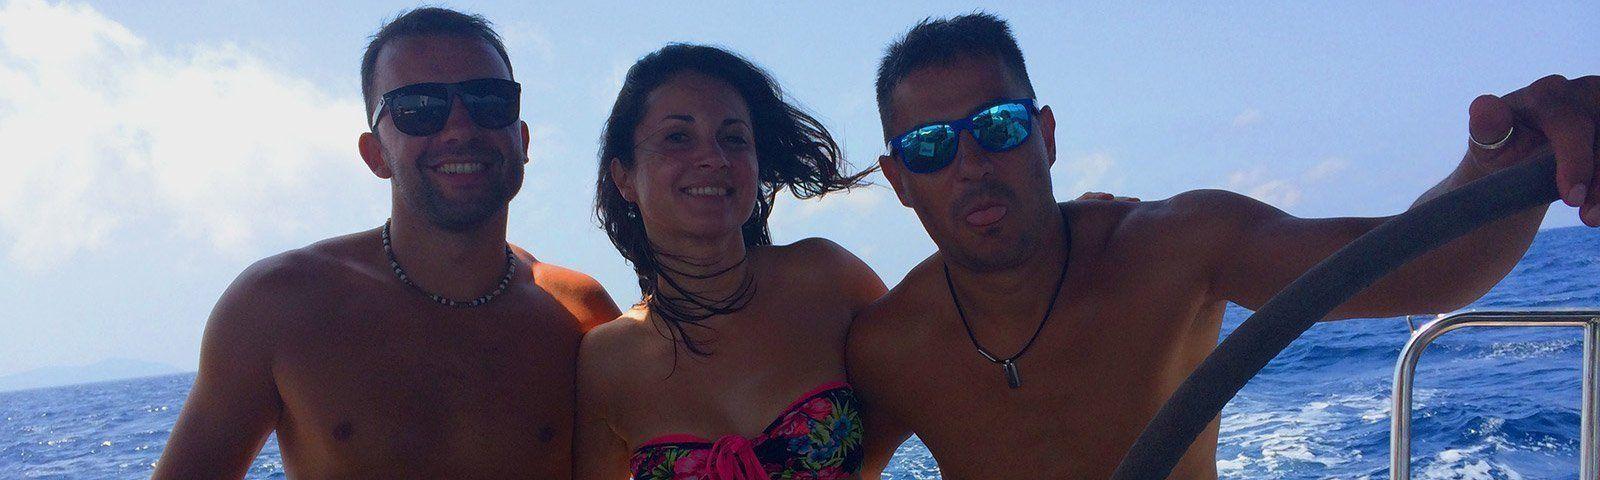 vacaciones-familia-velero-(2)